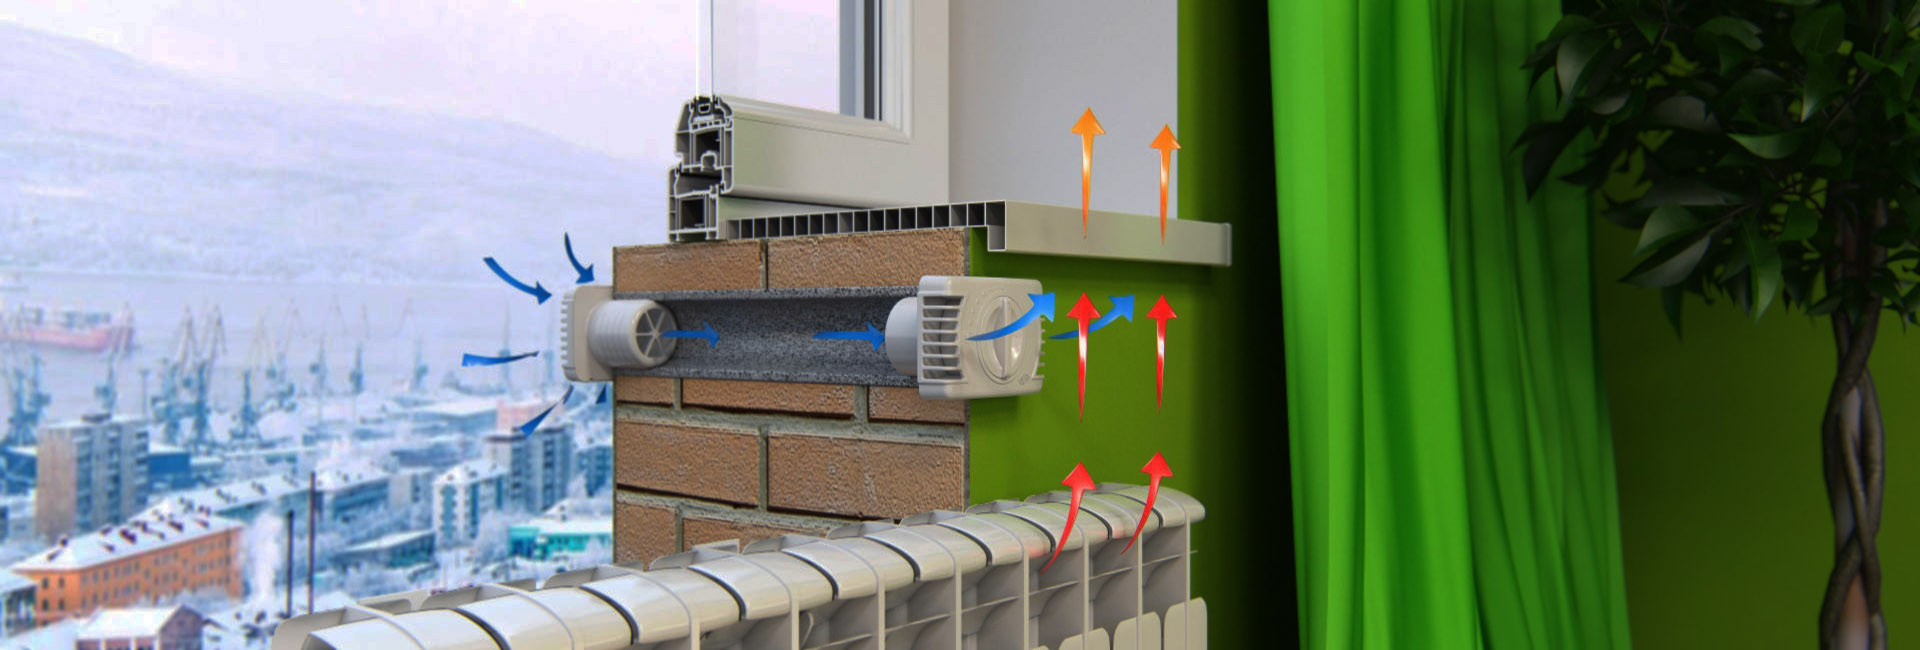 Природна припливна вентиляція - припливний клапан